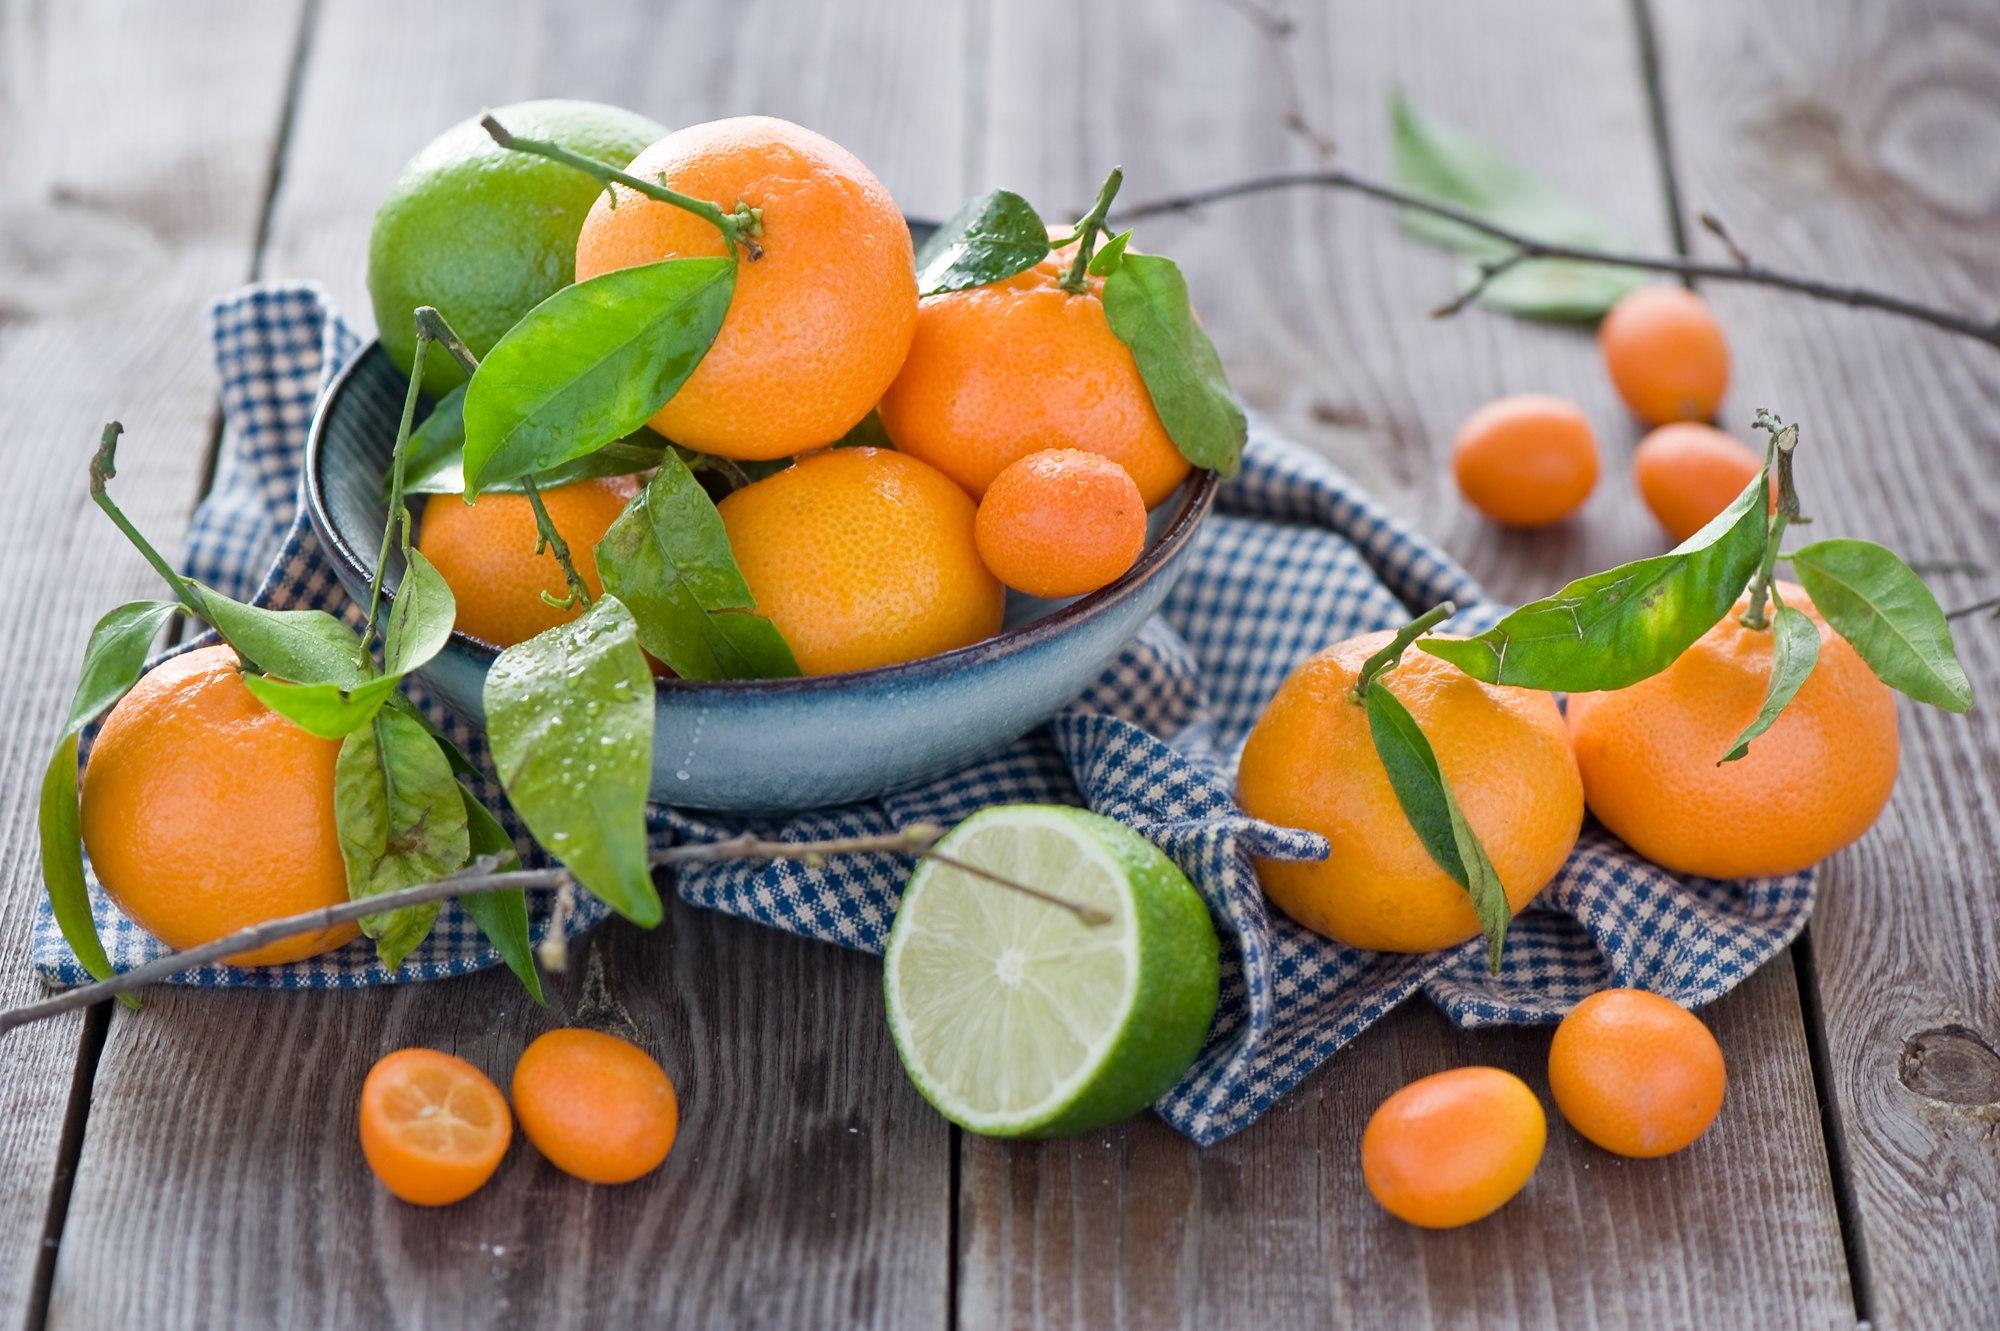 обои апельсины для кухни иностранным пенсионерам предоставляется